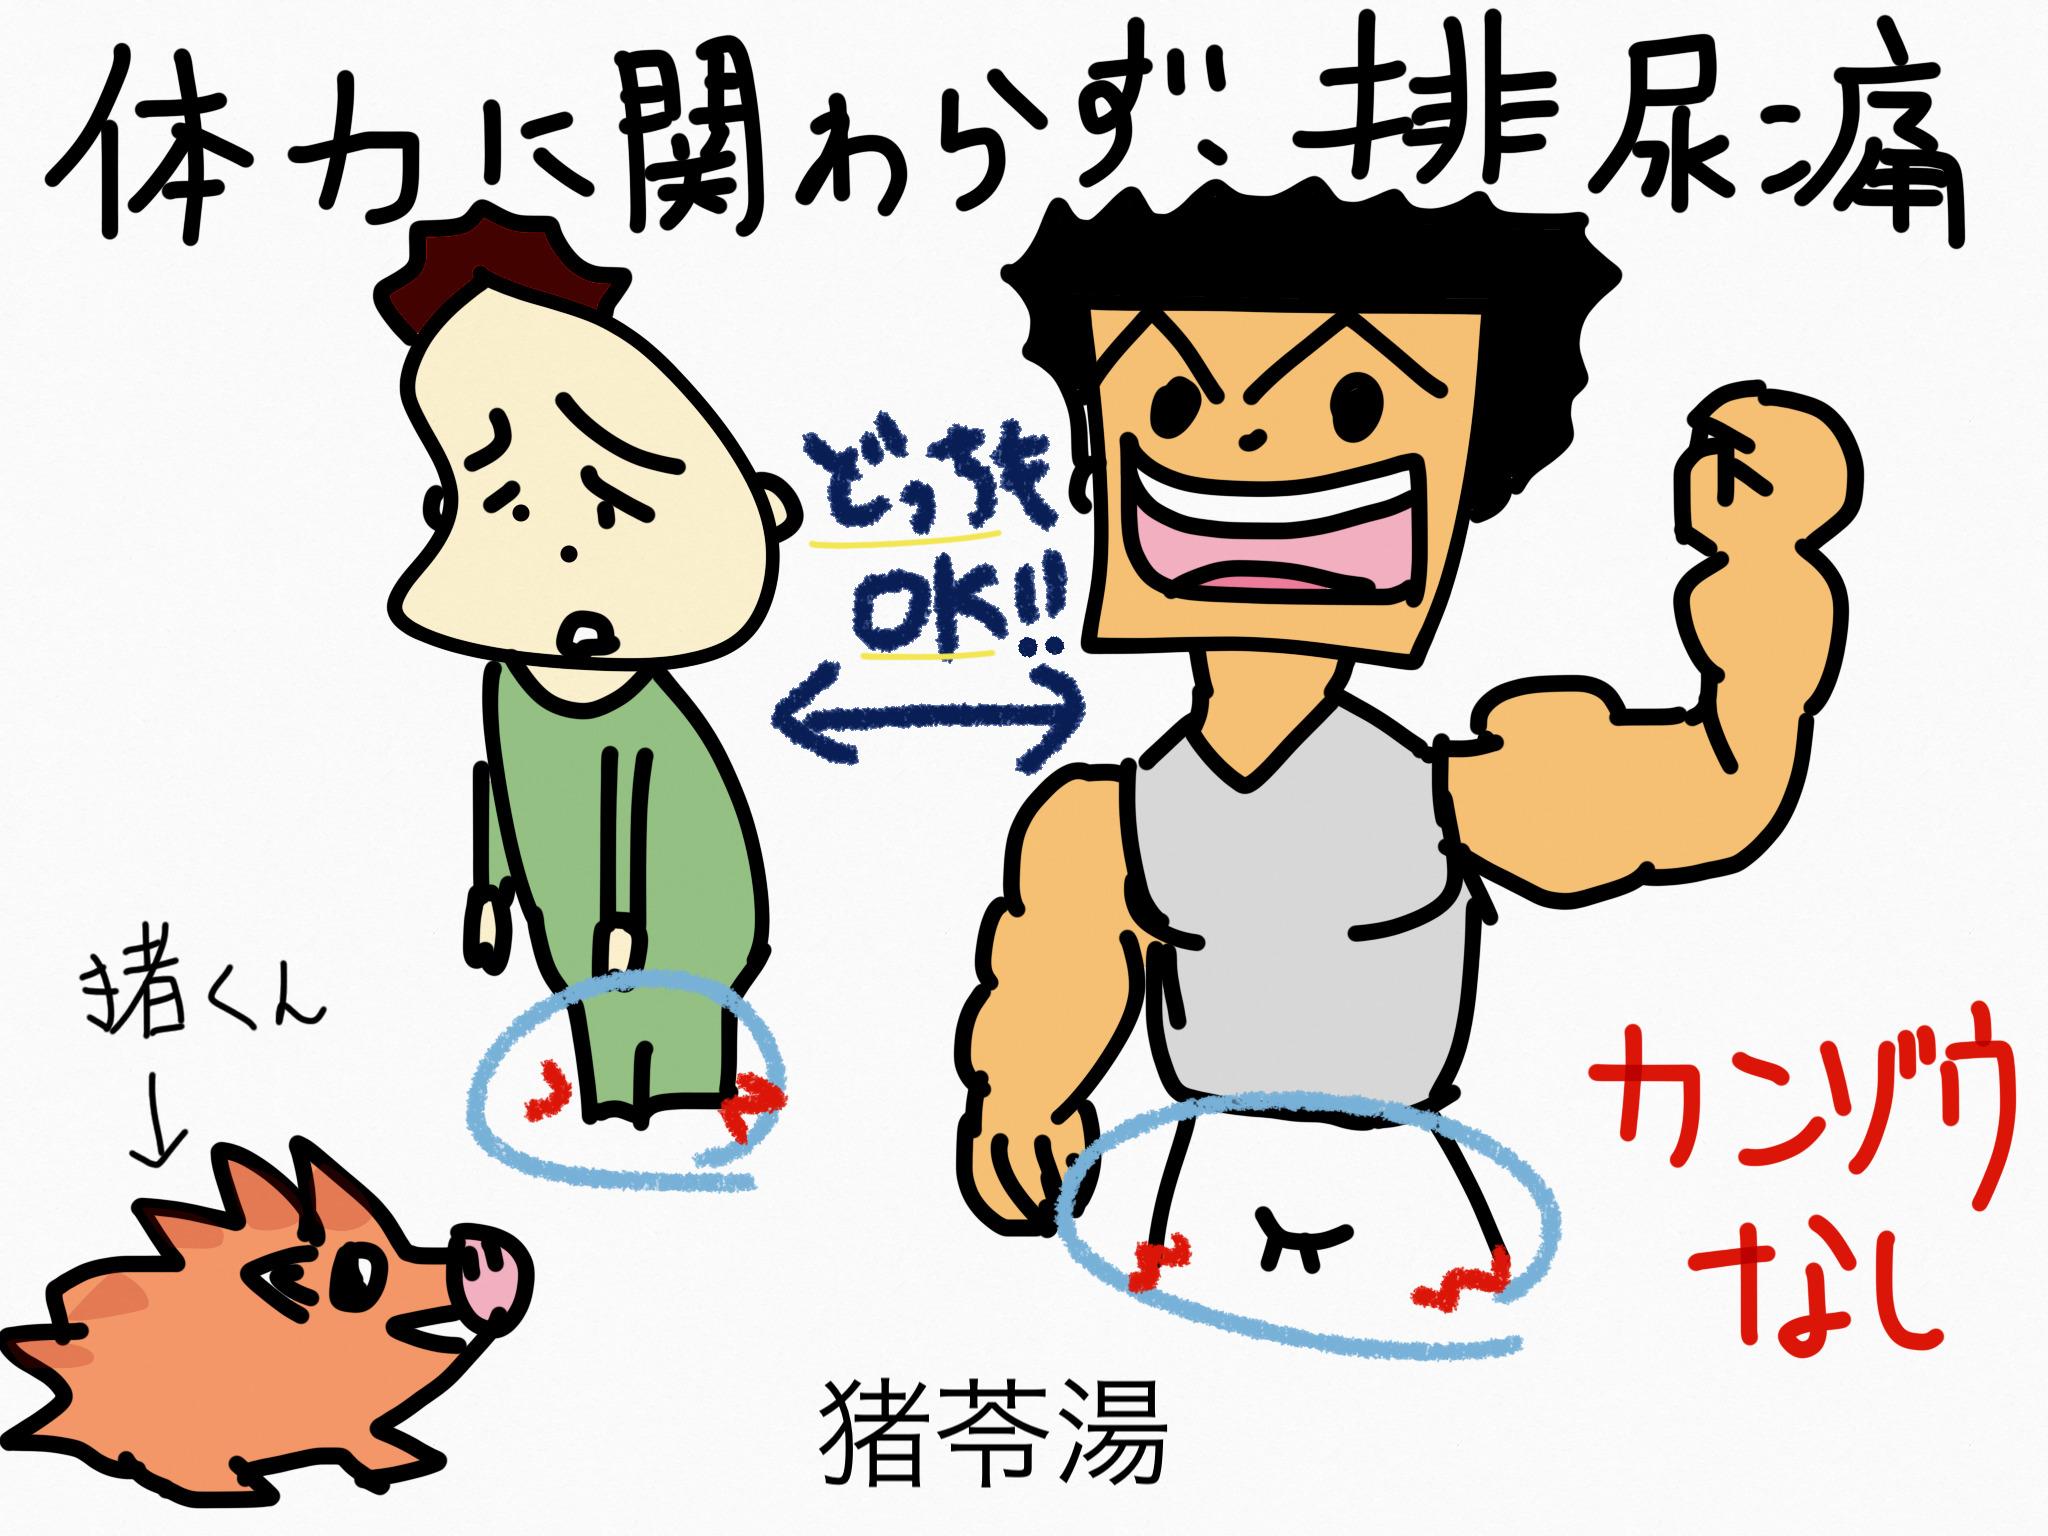 猪苓湯(ちょれいとう)[排尿異常]【漢方の覚え方】